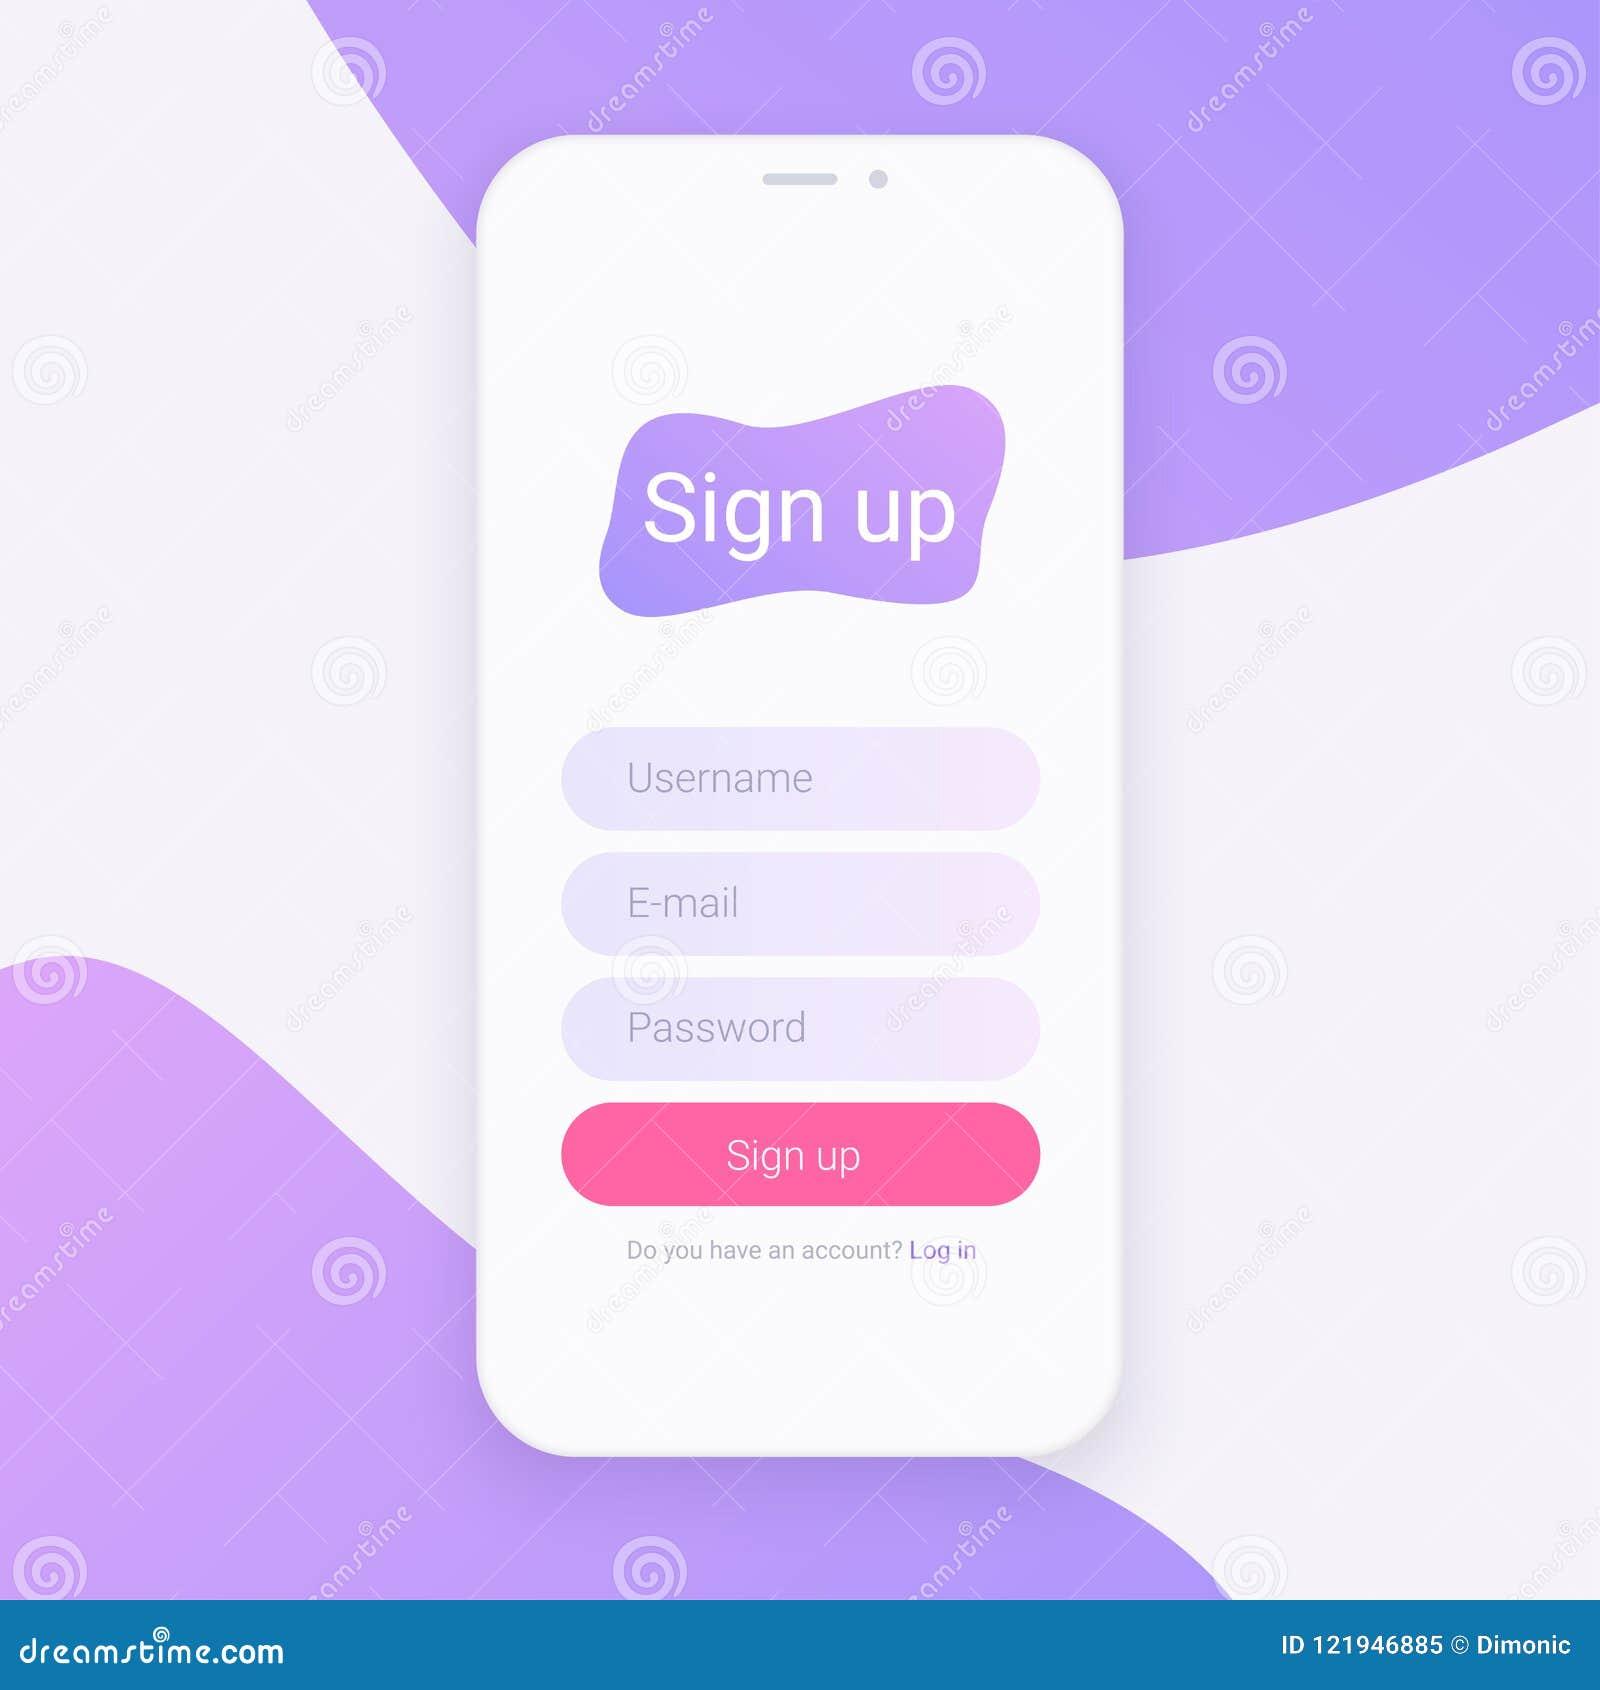 Σημάδι επάνω στην οθόνη Καθαρή κινητή έννοια σχεδίου UI Εφαρμογή με το παράθυρο αίτησης εγγραφής Καθιερώνουσες τη μόδα ολογραφικέ